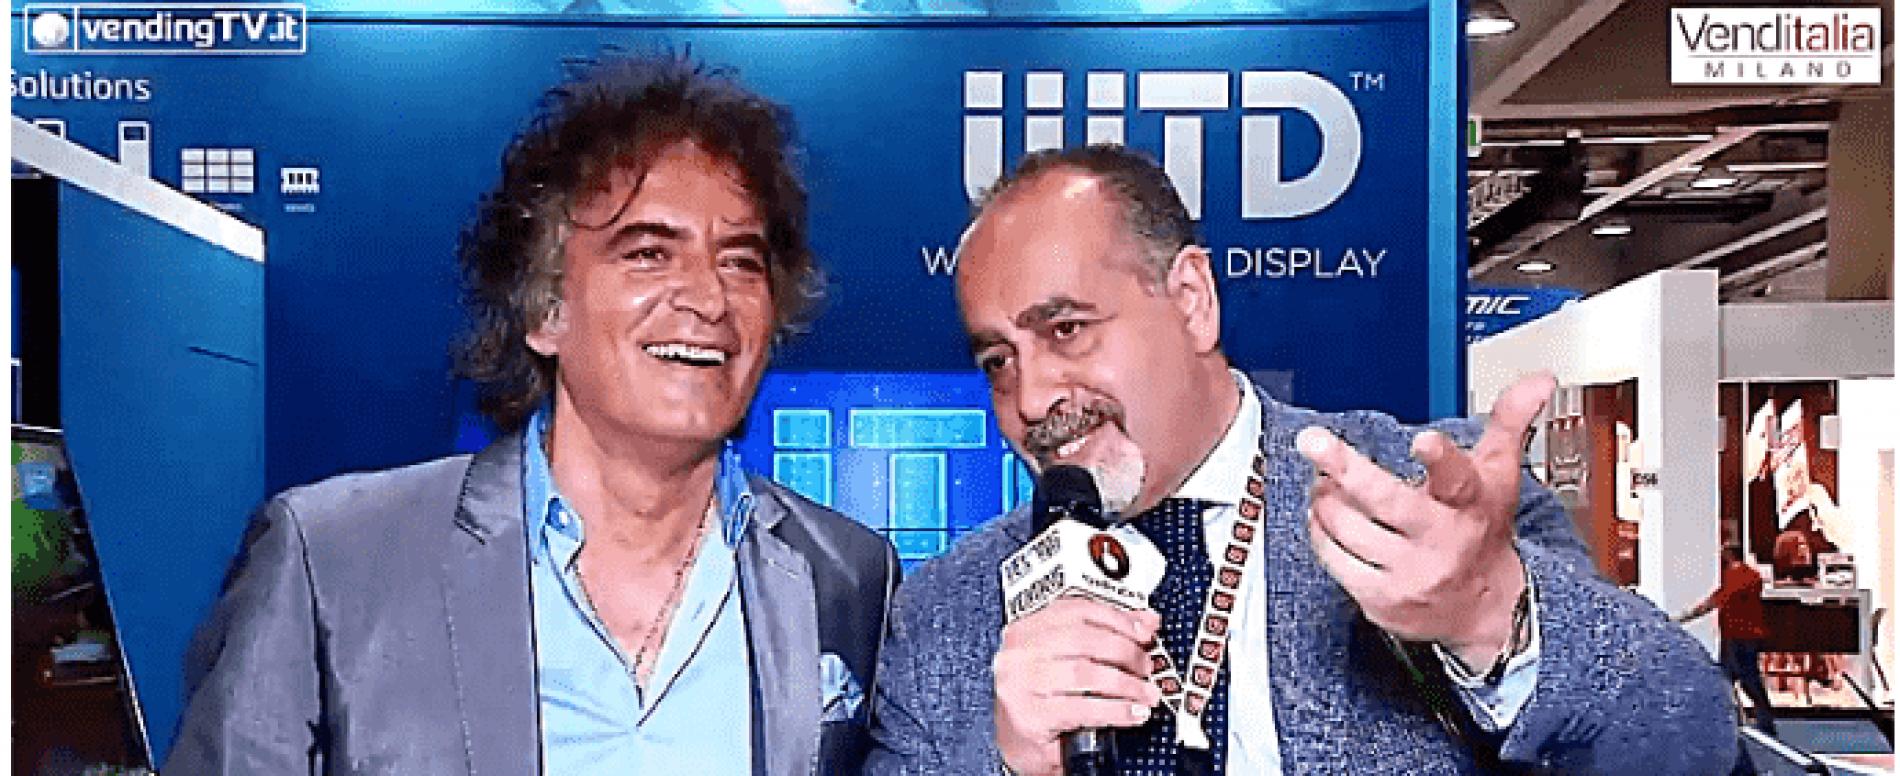 Venditalia 2018. Intervista con Riccardo Taccardi di WTD